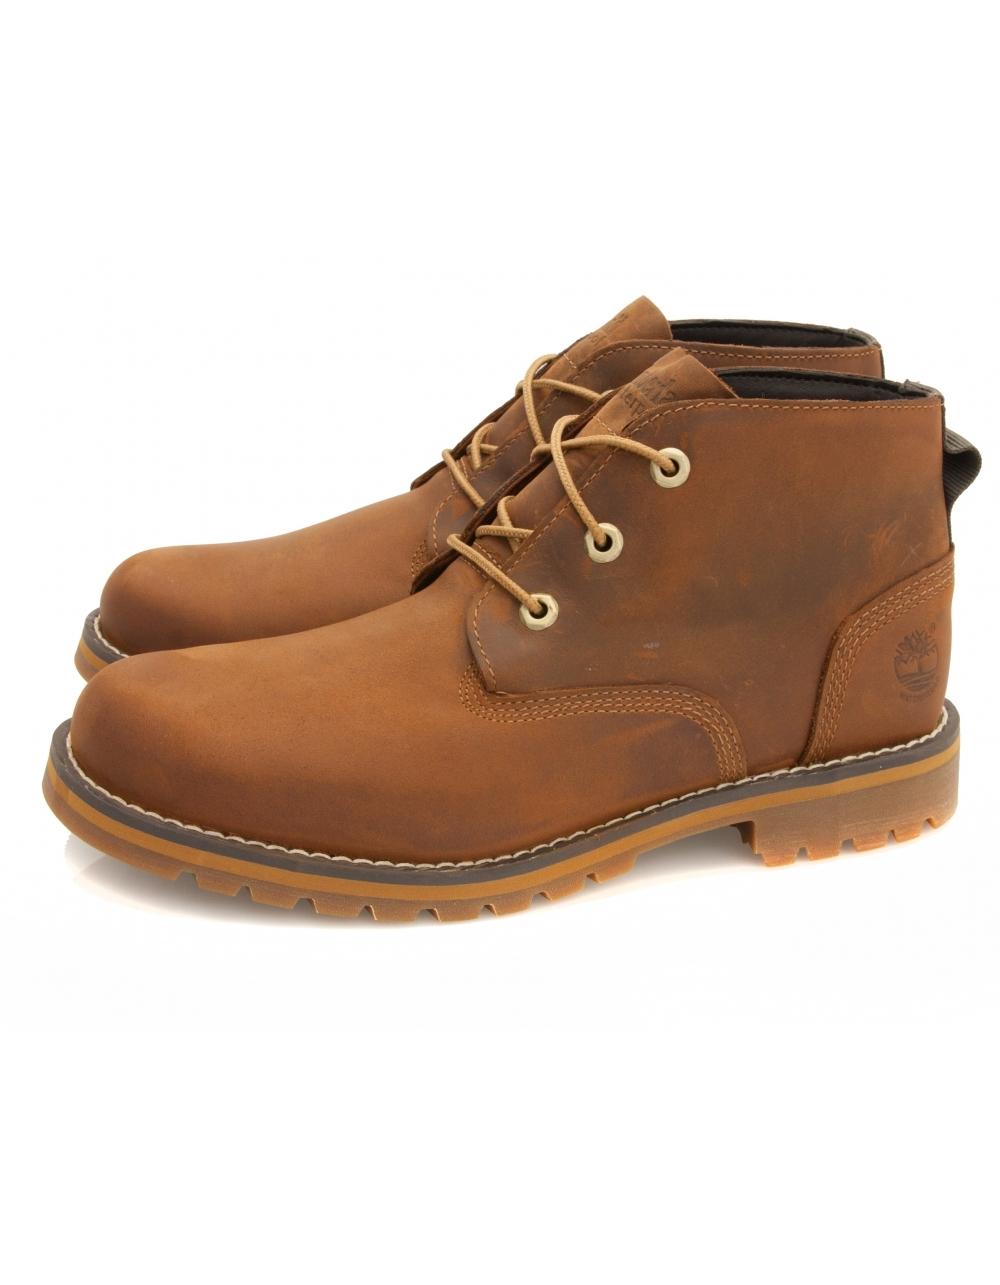 393300cbc30 Timberland Larchmont Waterproof Chukka Boot - Brown